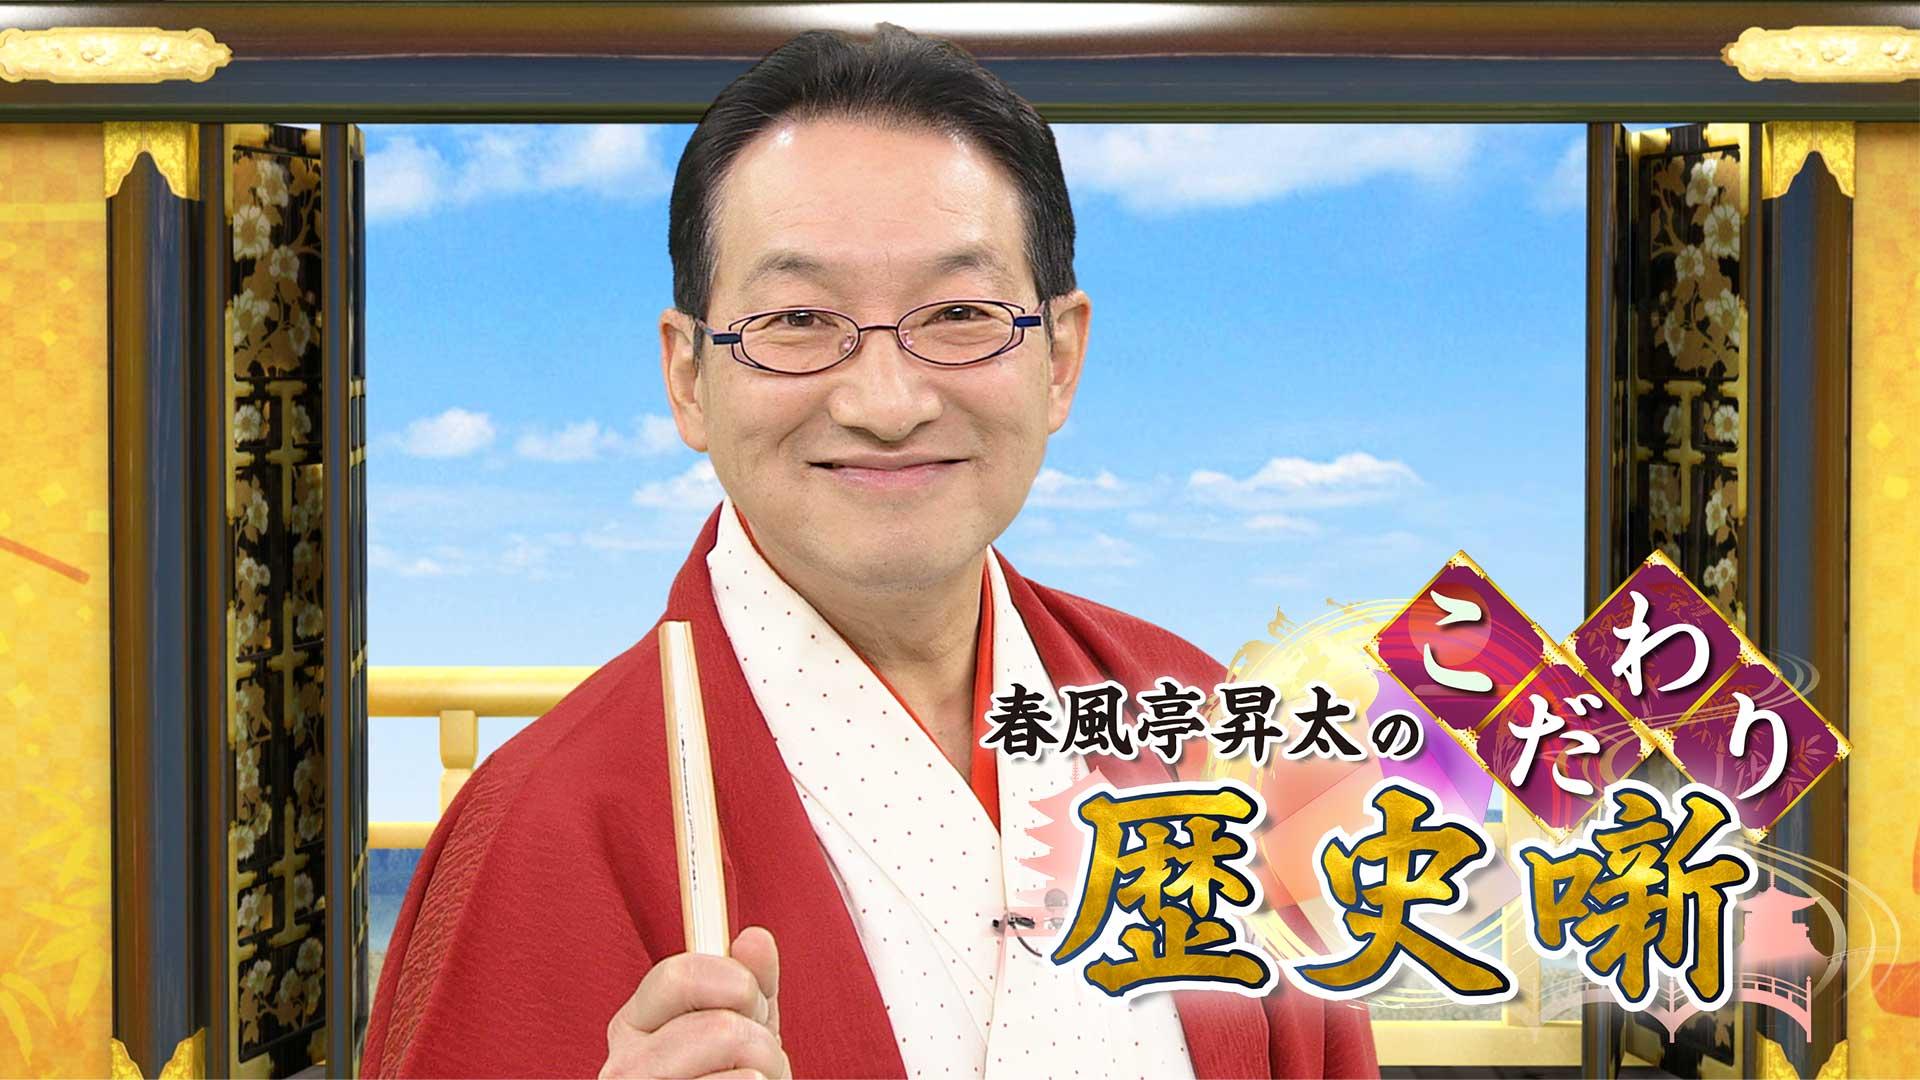 春風亭昇太のこだわり歴史噺